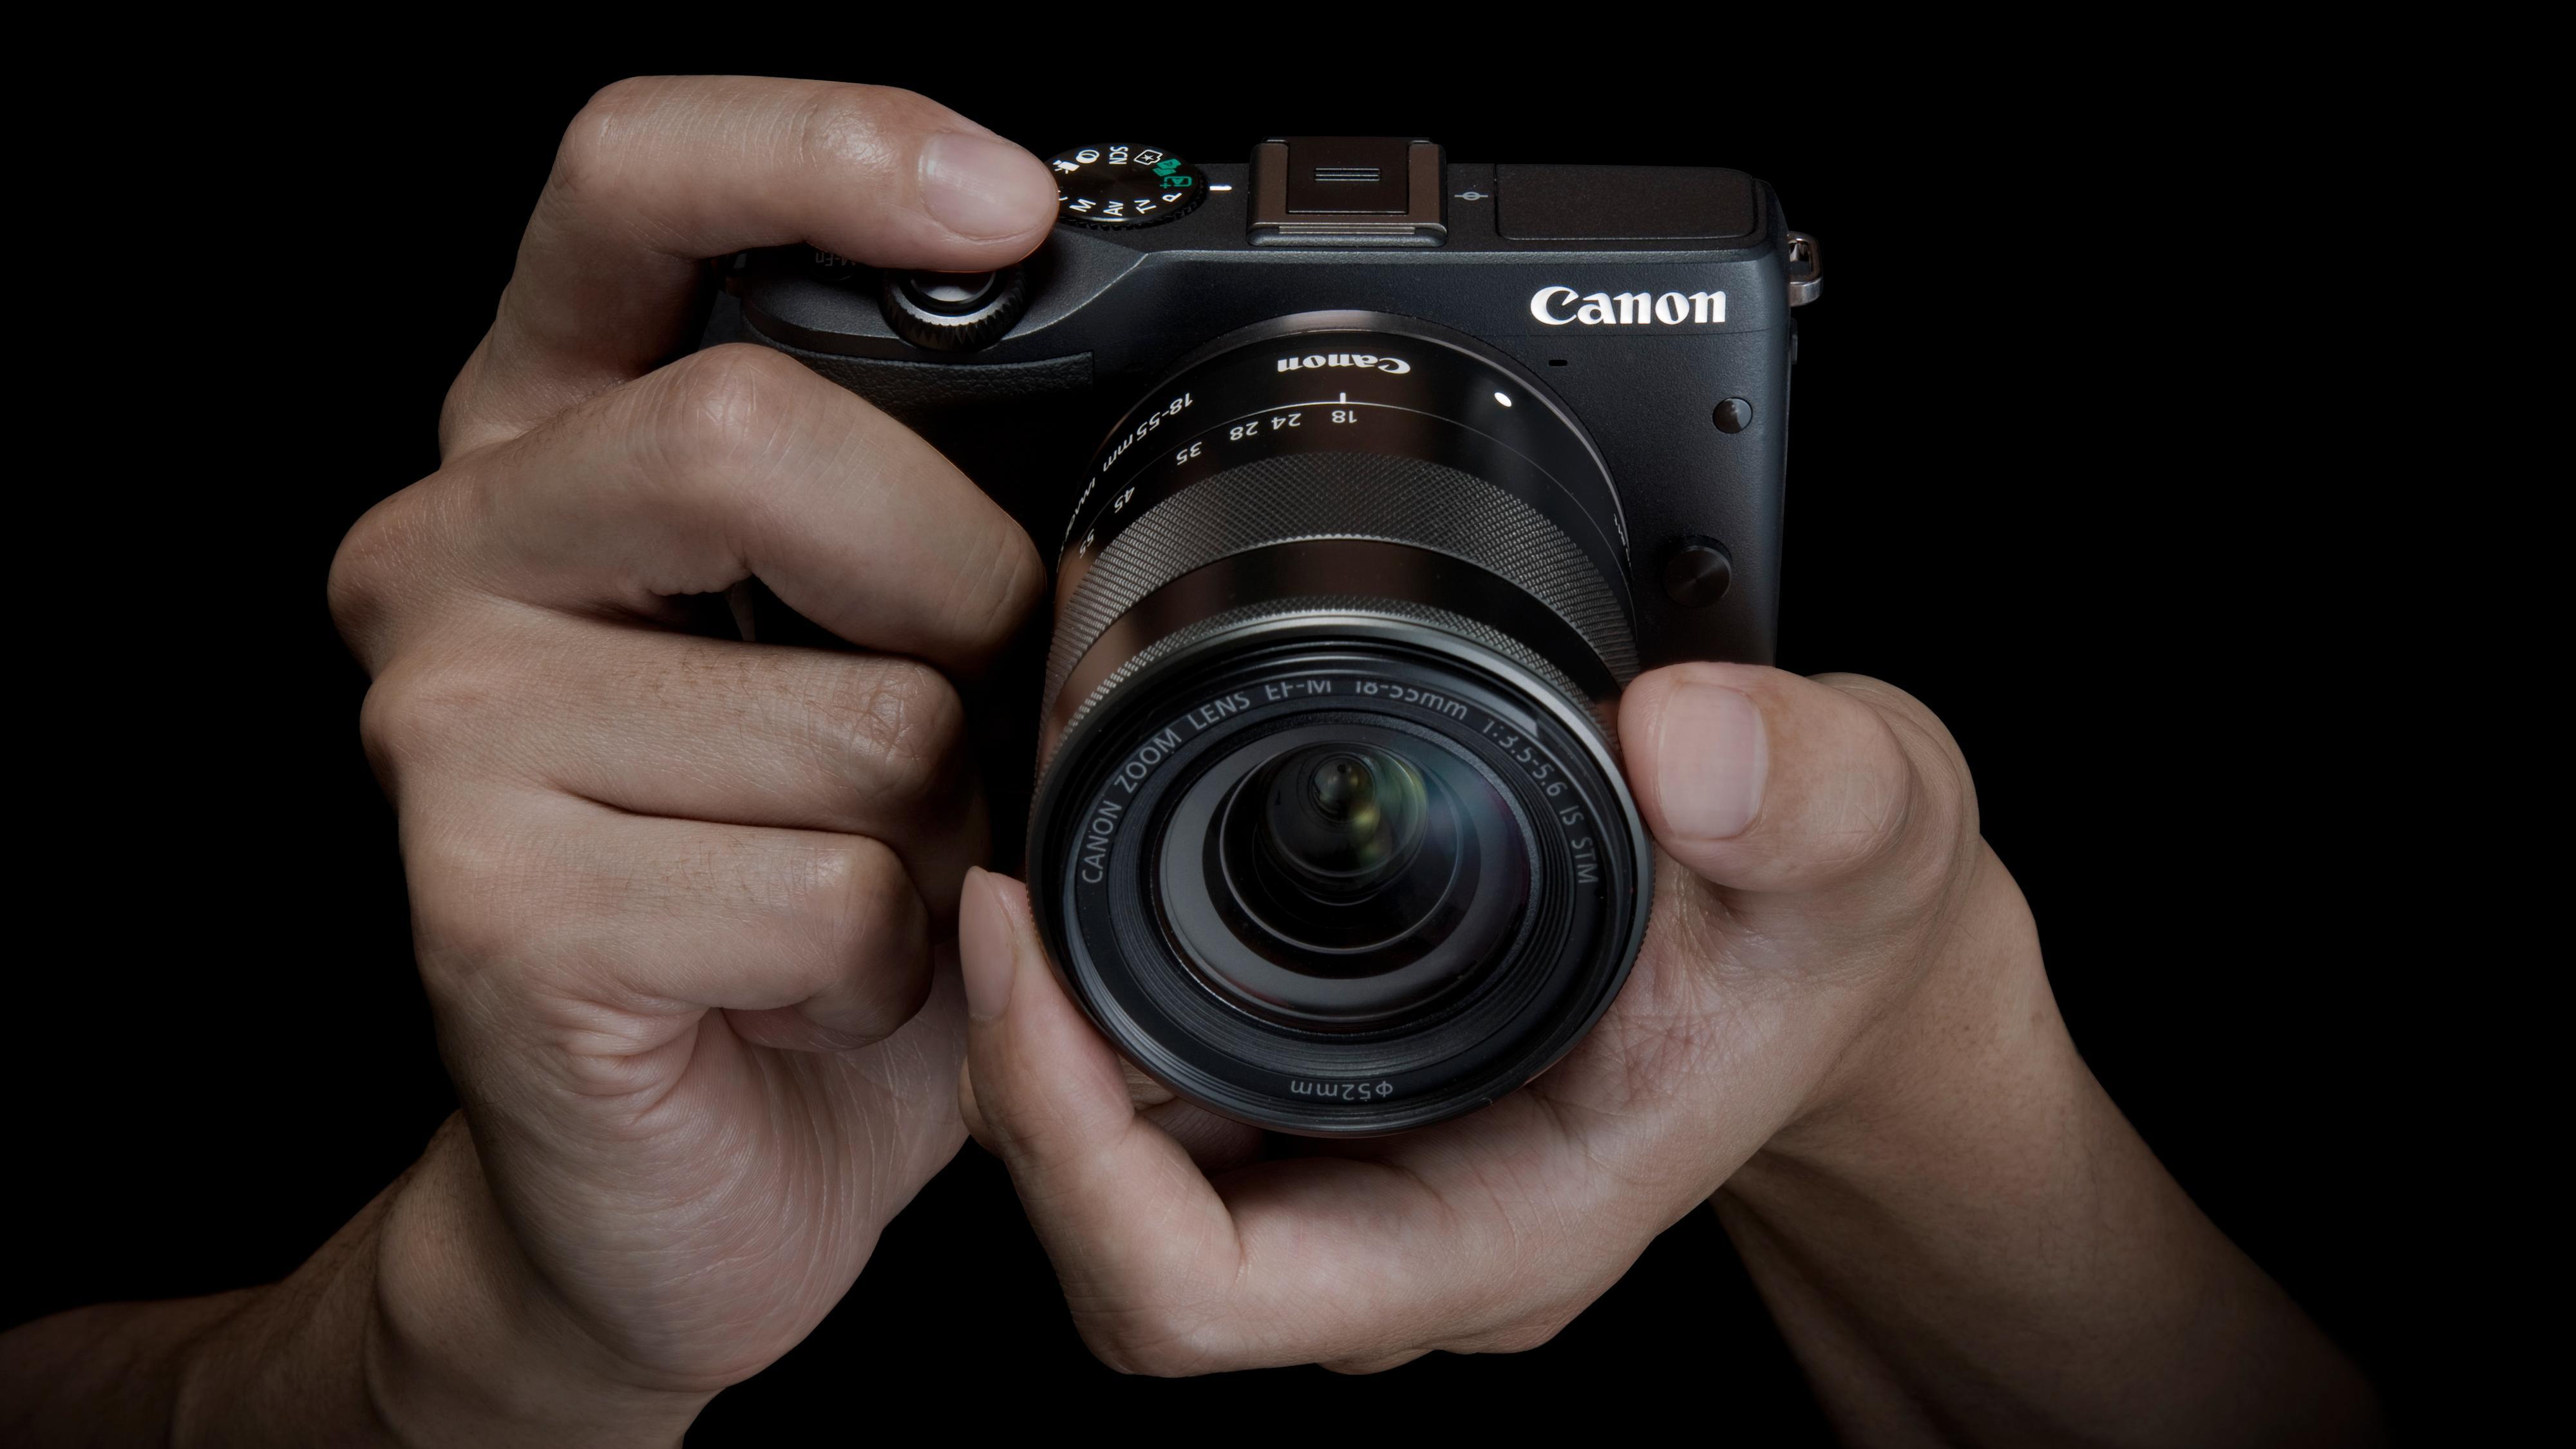 Canon EOS M3, et speilløst systemkamera i en hending størrelse. Foto: Canon